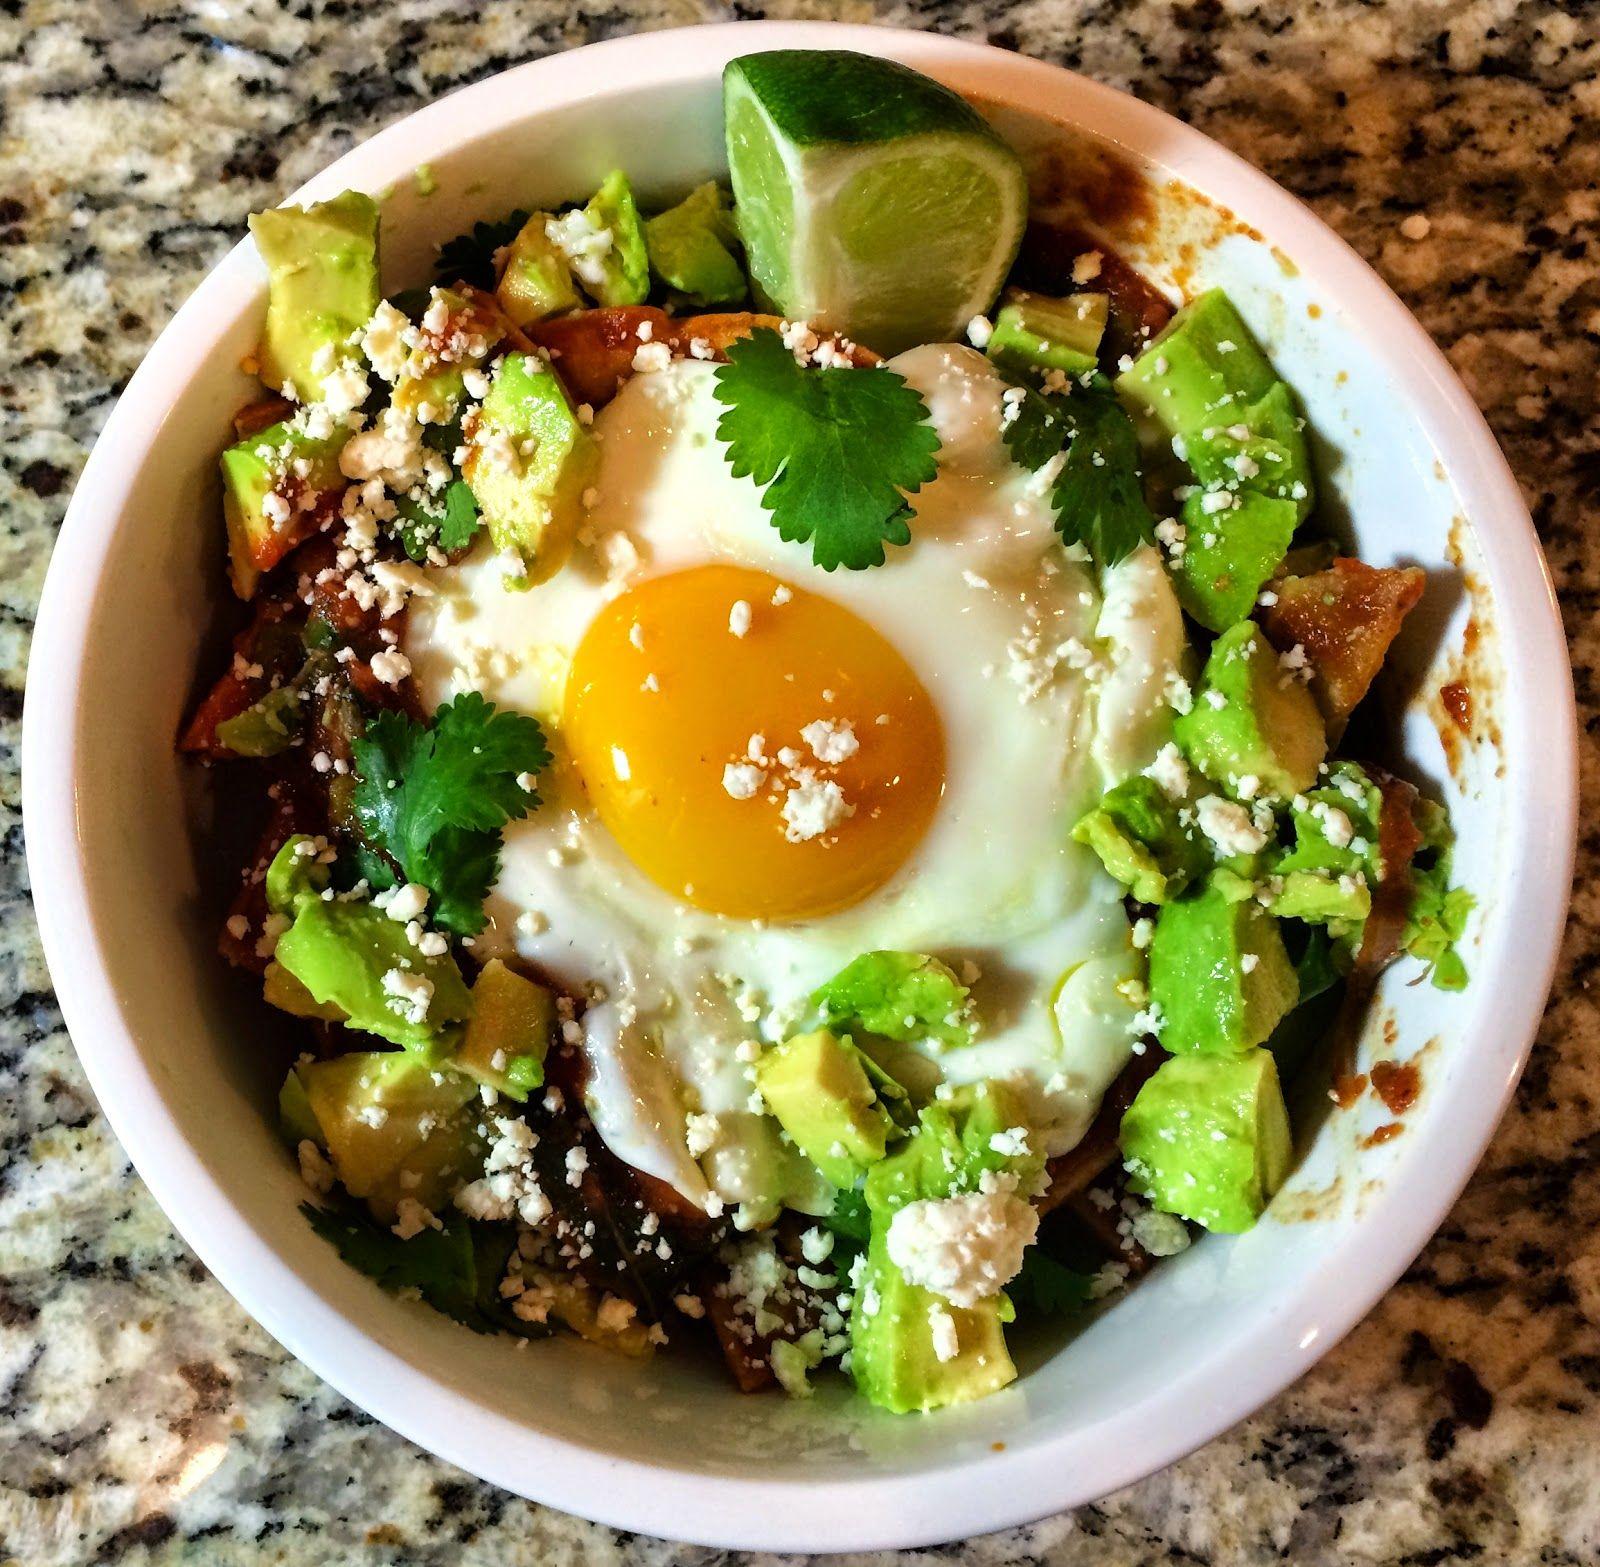 Blue apron khao soi - Giveaway Blue Apron Food Subscription Box Review Part 6